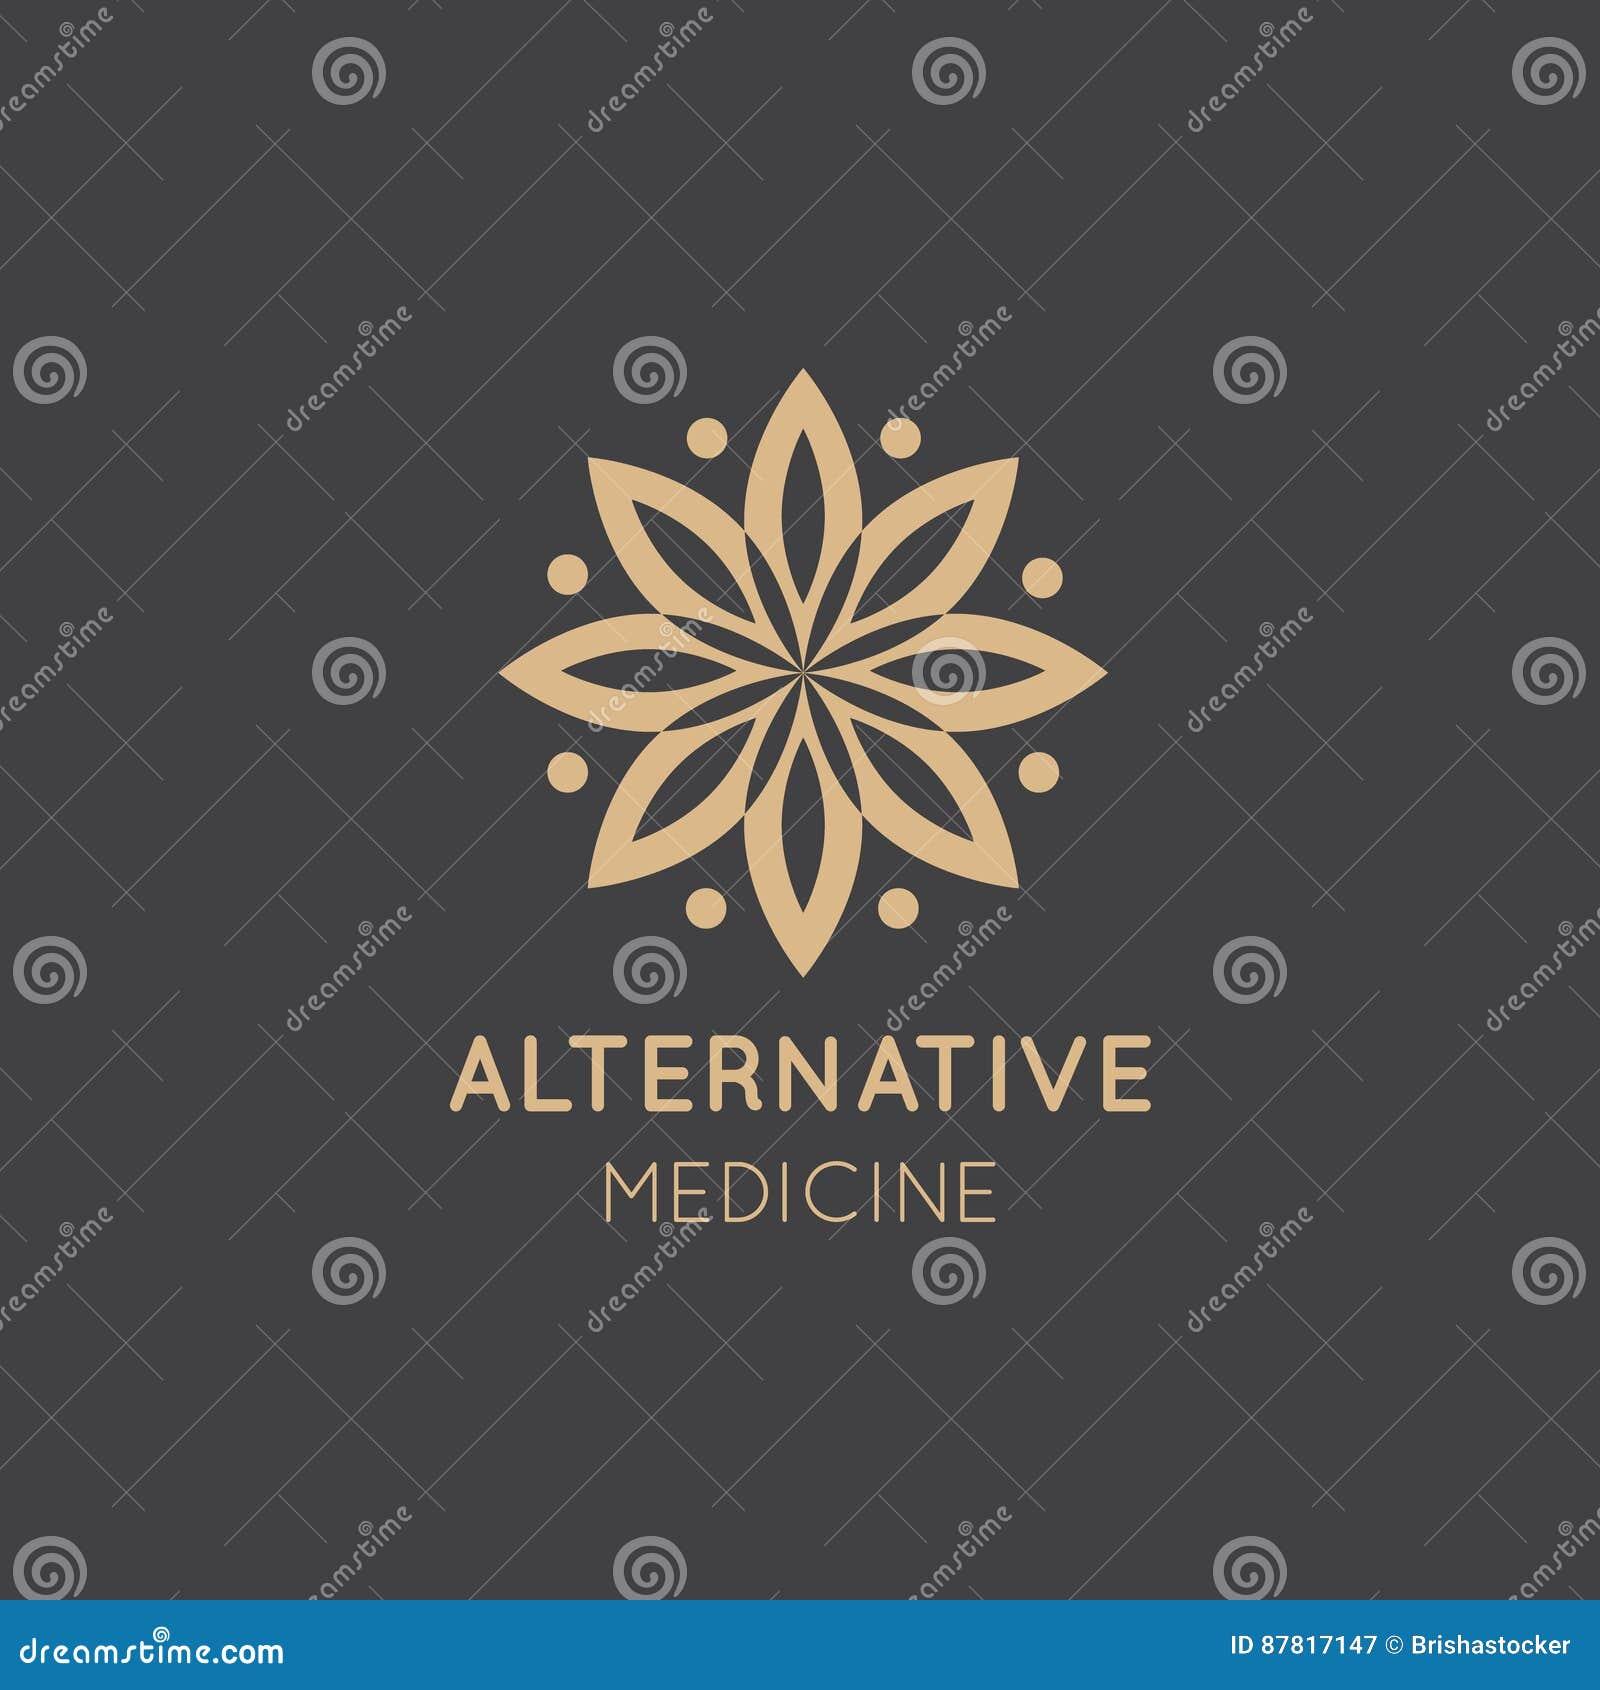 替代医学的商标标志 IV维生素疗法,防皱,健康, Ayurveda,中医 全部中心